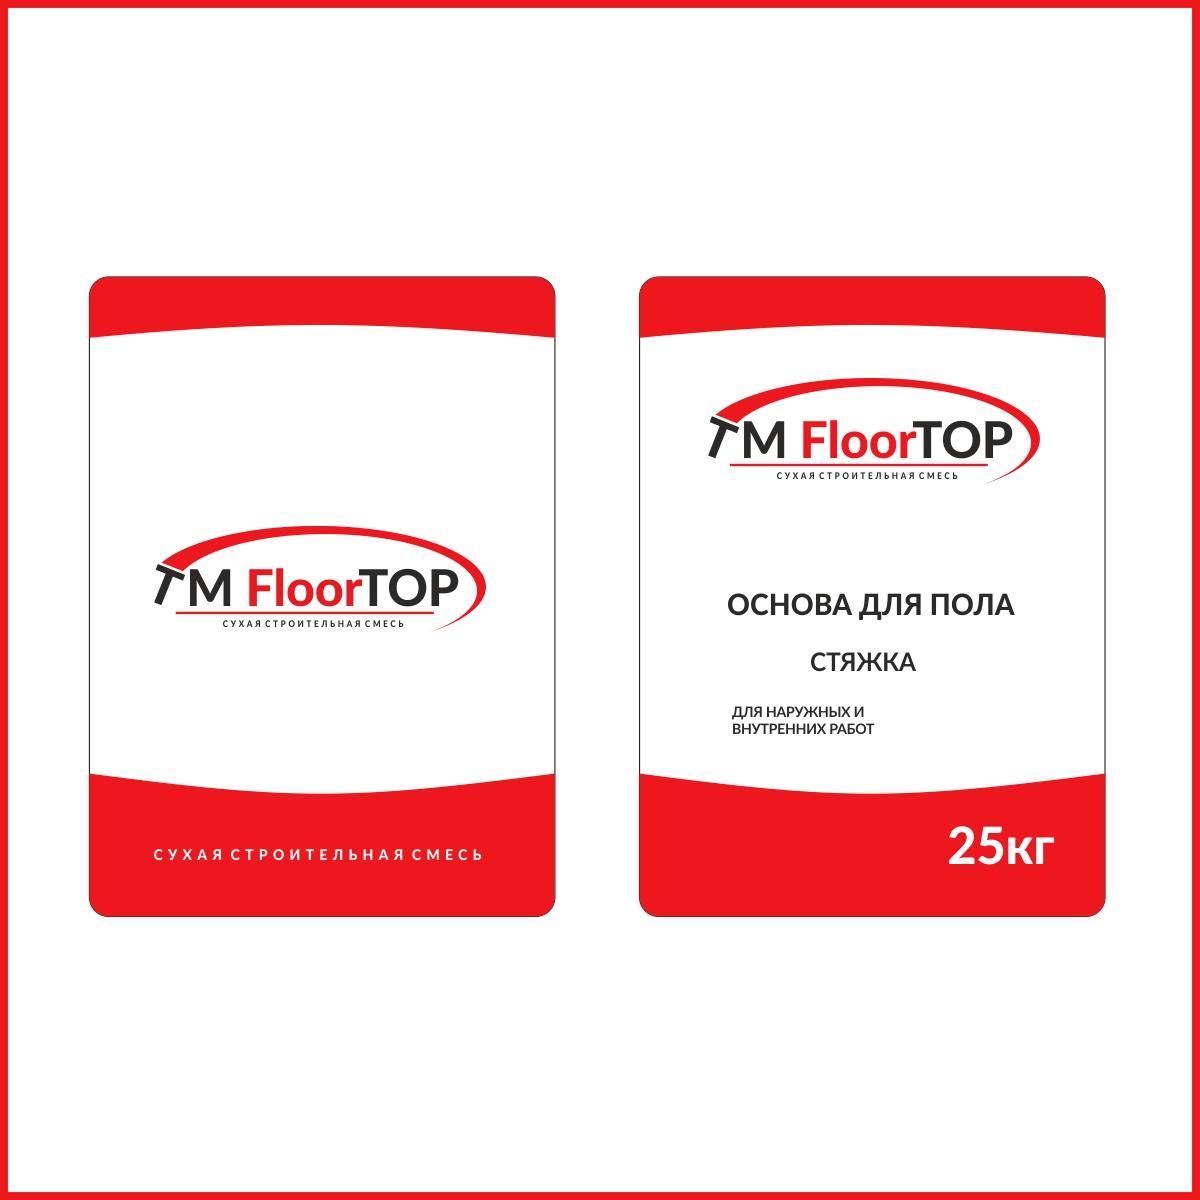 Разработка логотипа и дизайна на упаковку для сухой смеси фото f_9605d2baaaaf3d75.jpg